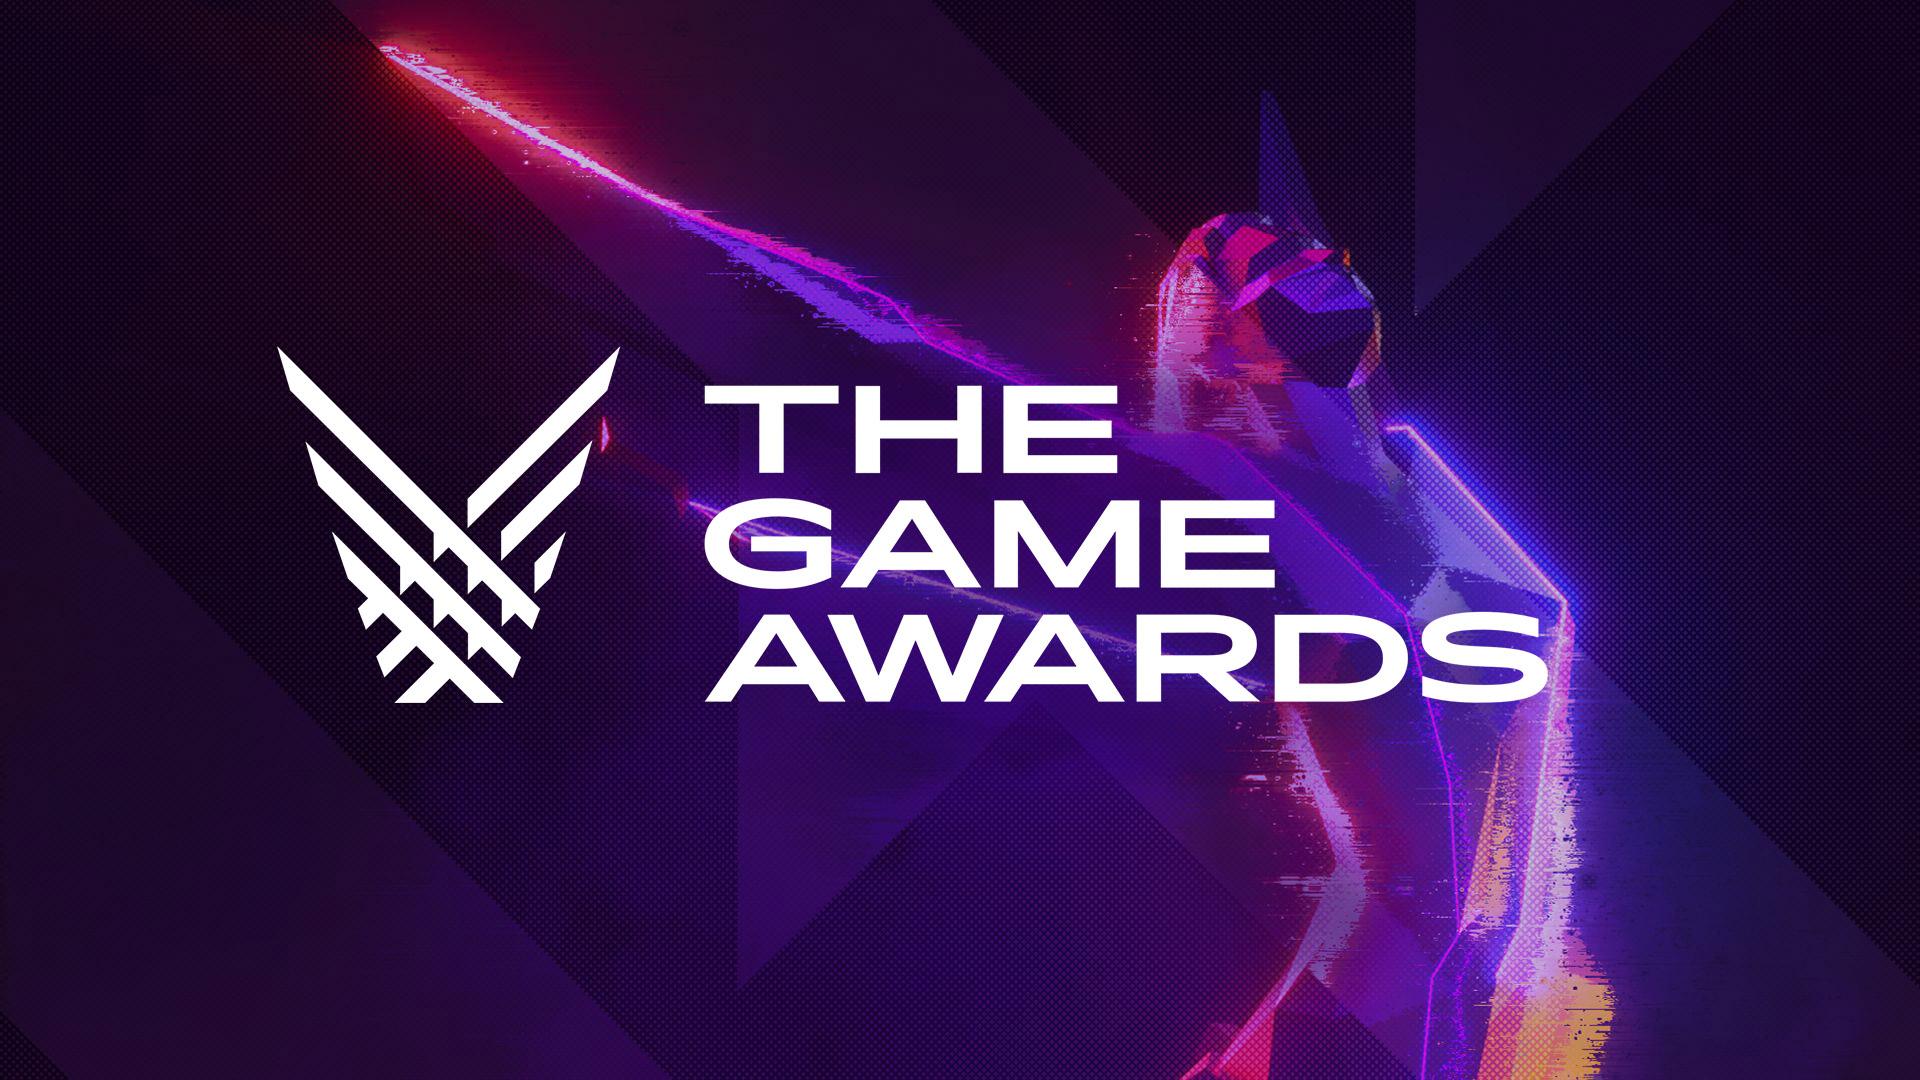 ВSteam распродажа вчесть The Game Awards 2019. Участвует Red Dead Redemption 2